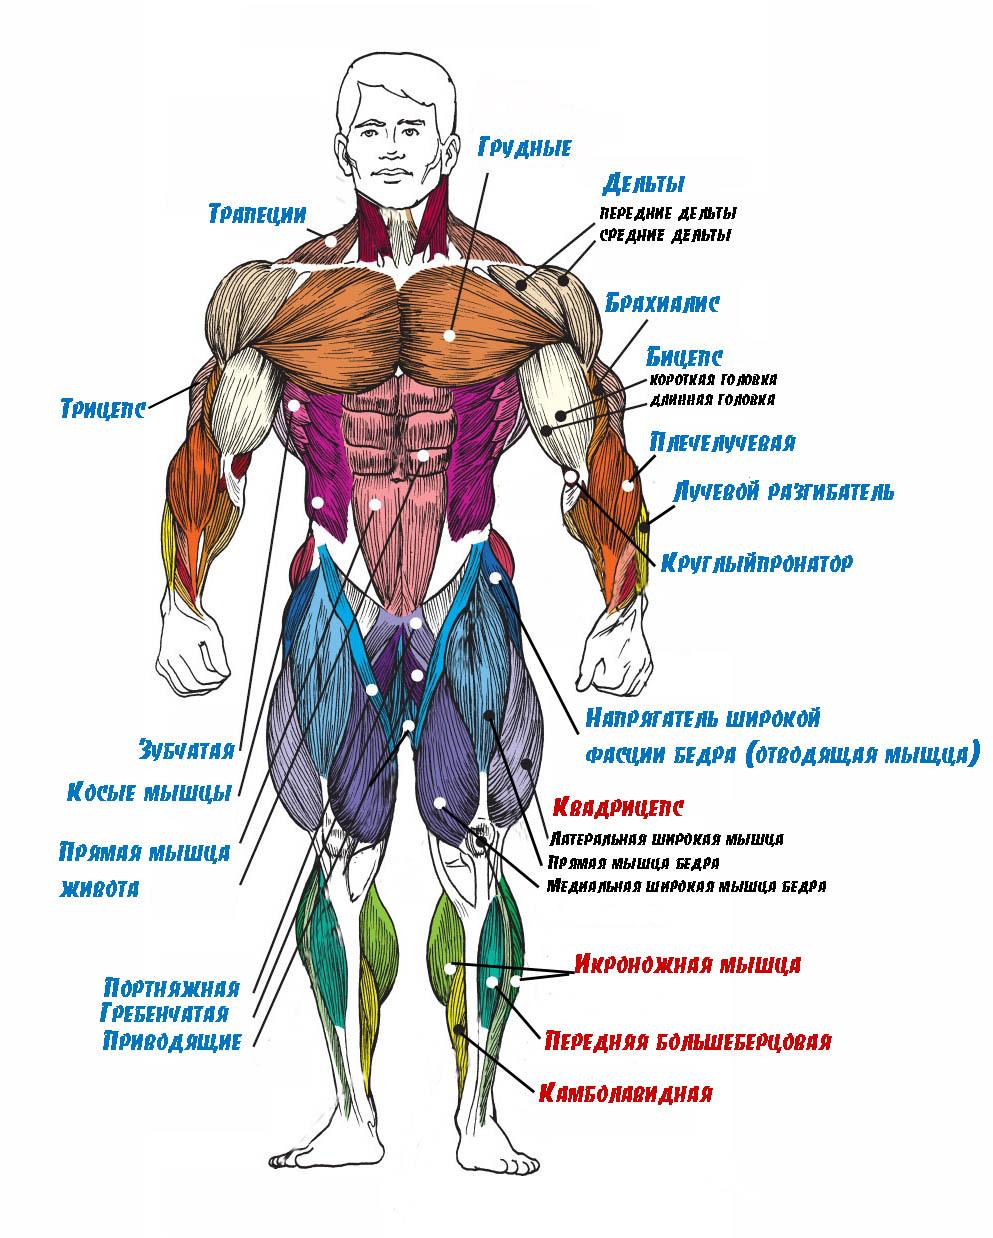 вопрос, мышцы человека в картинках пижама